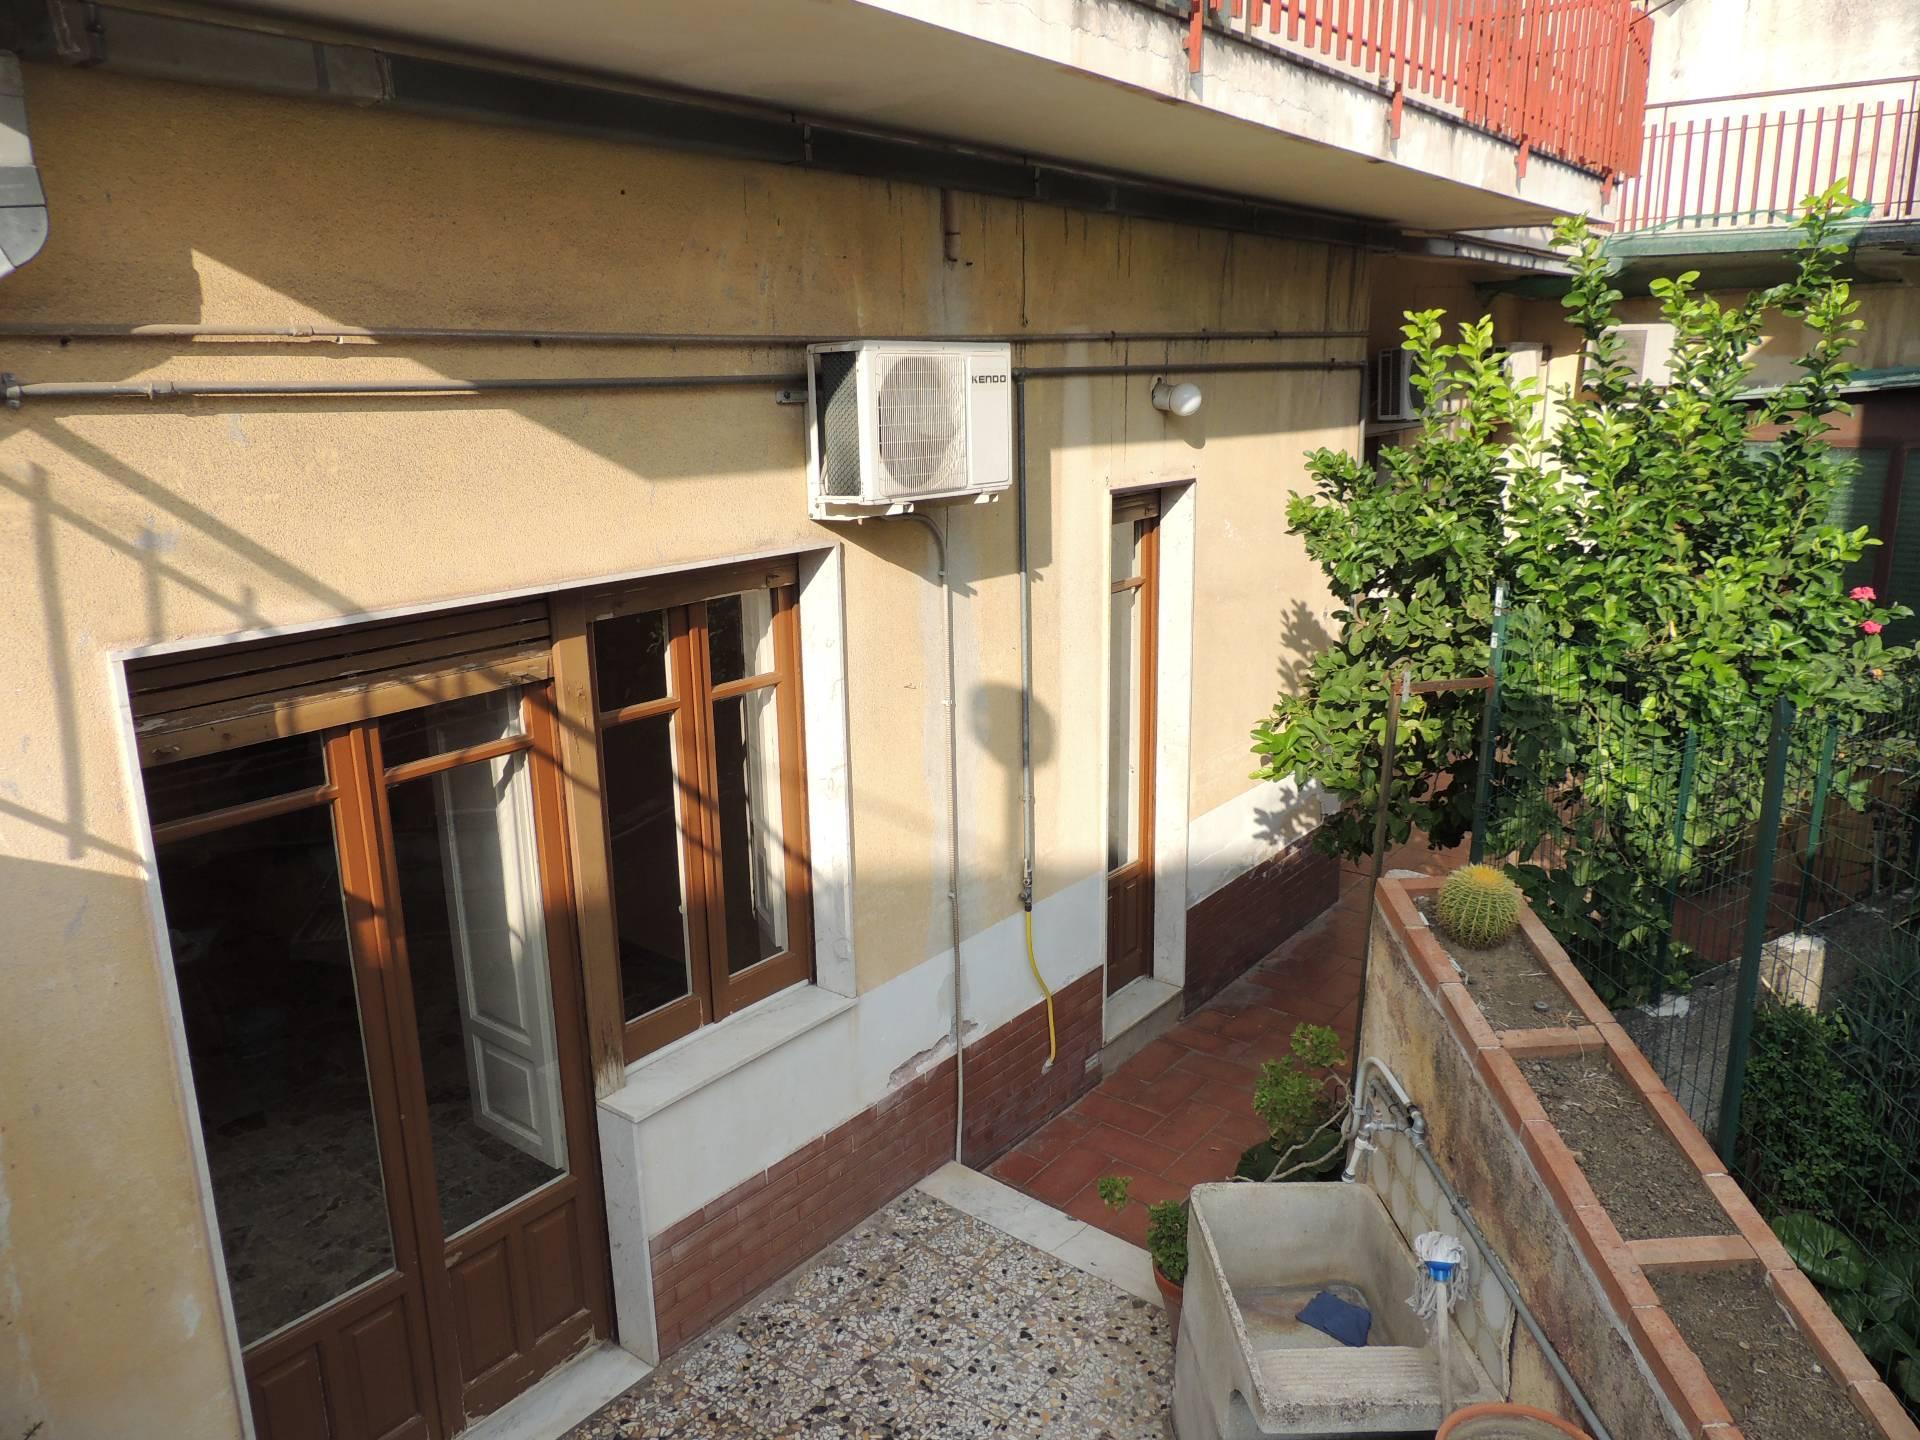 Appartamento in affitto a Gravina di Catania, 3 locali, zona Località: Centro, prezzo € 400 | CambioCasa.it